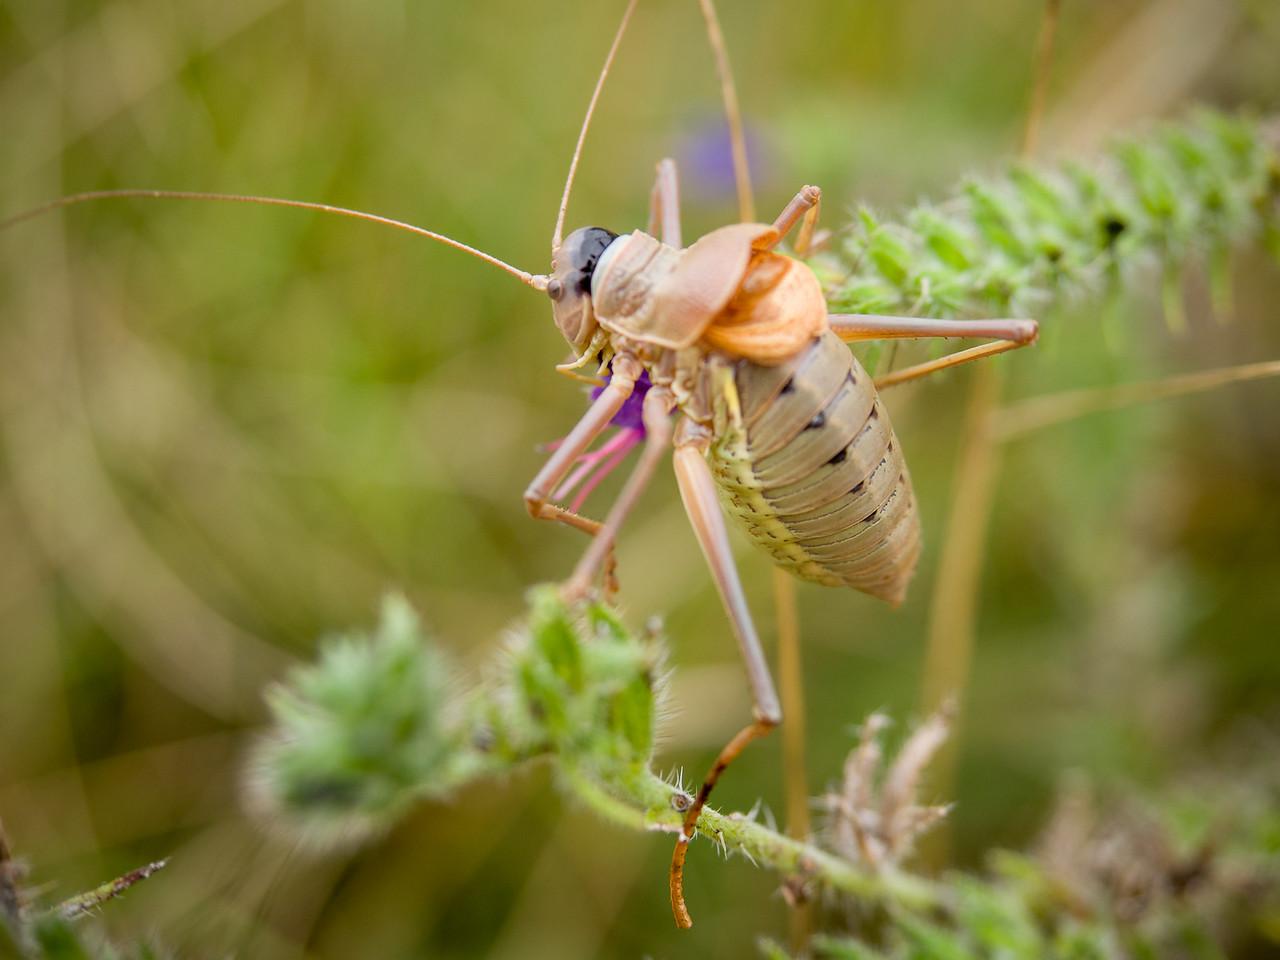 A Cricket - I think